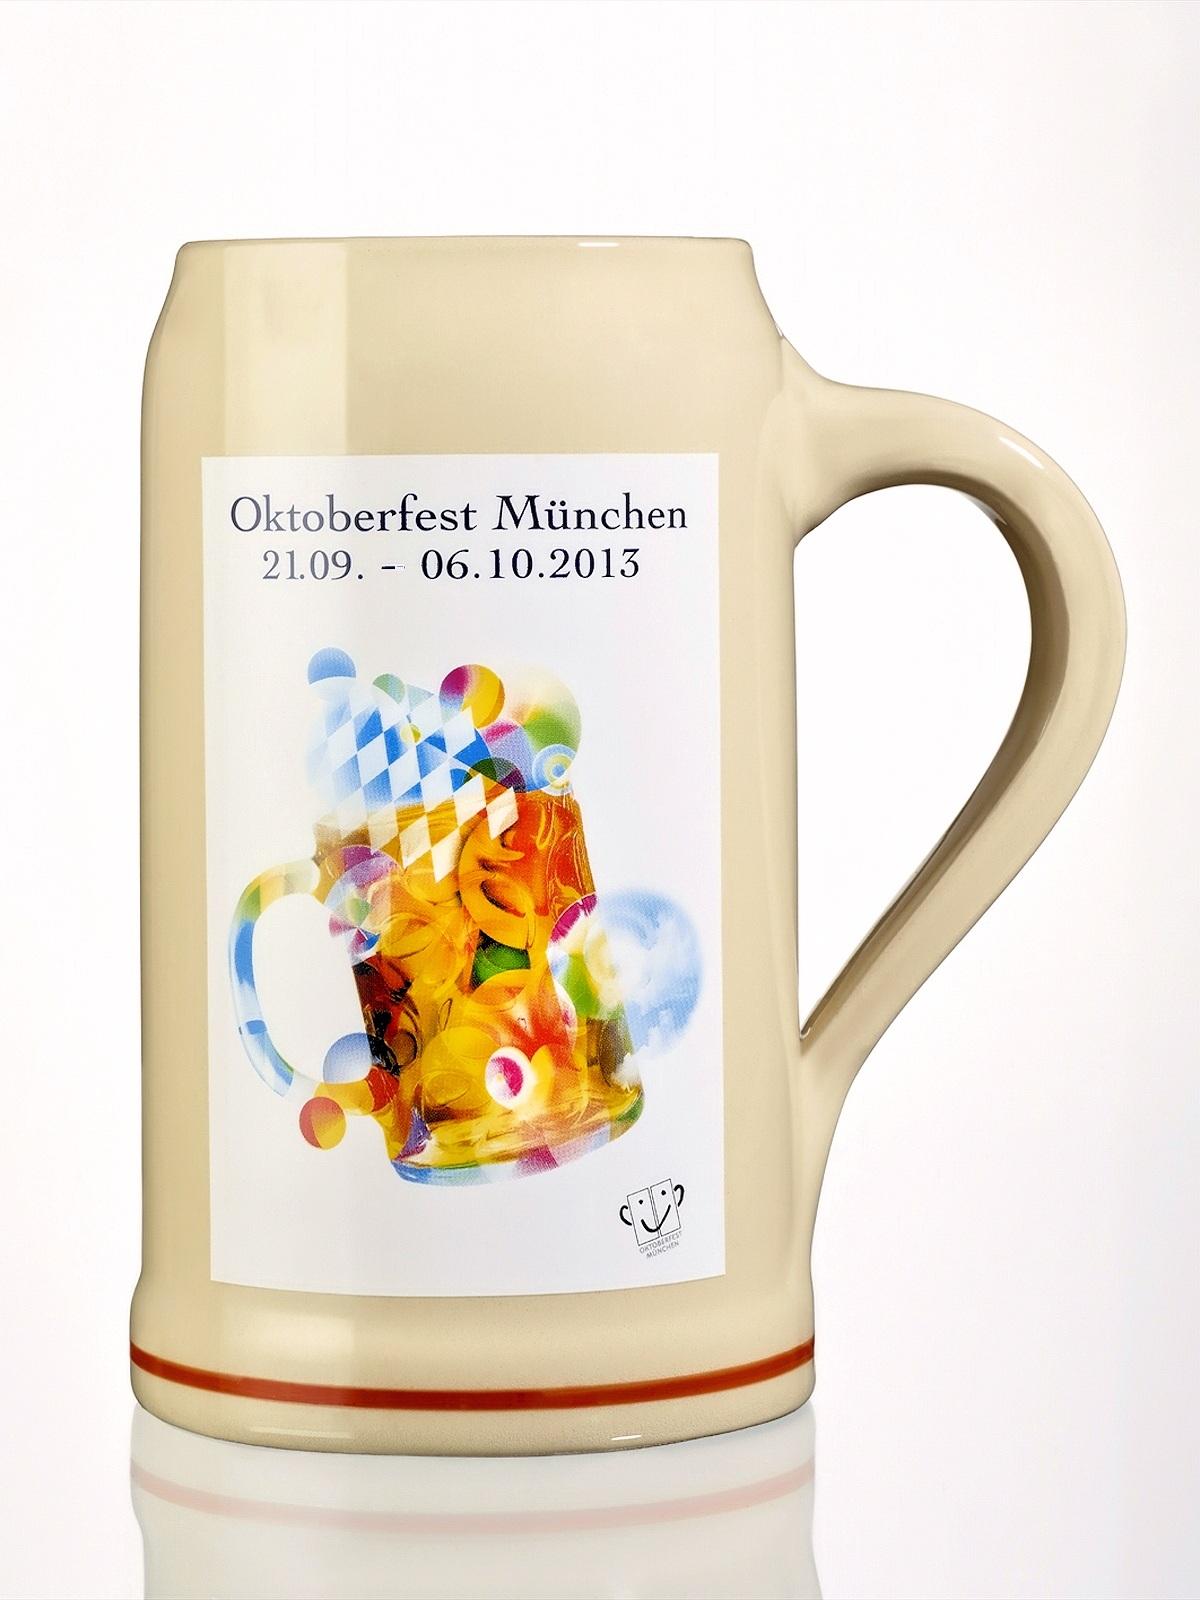 00 Oktoberfest. Munchen. 10. 28.09.13